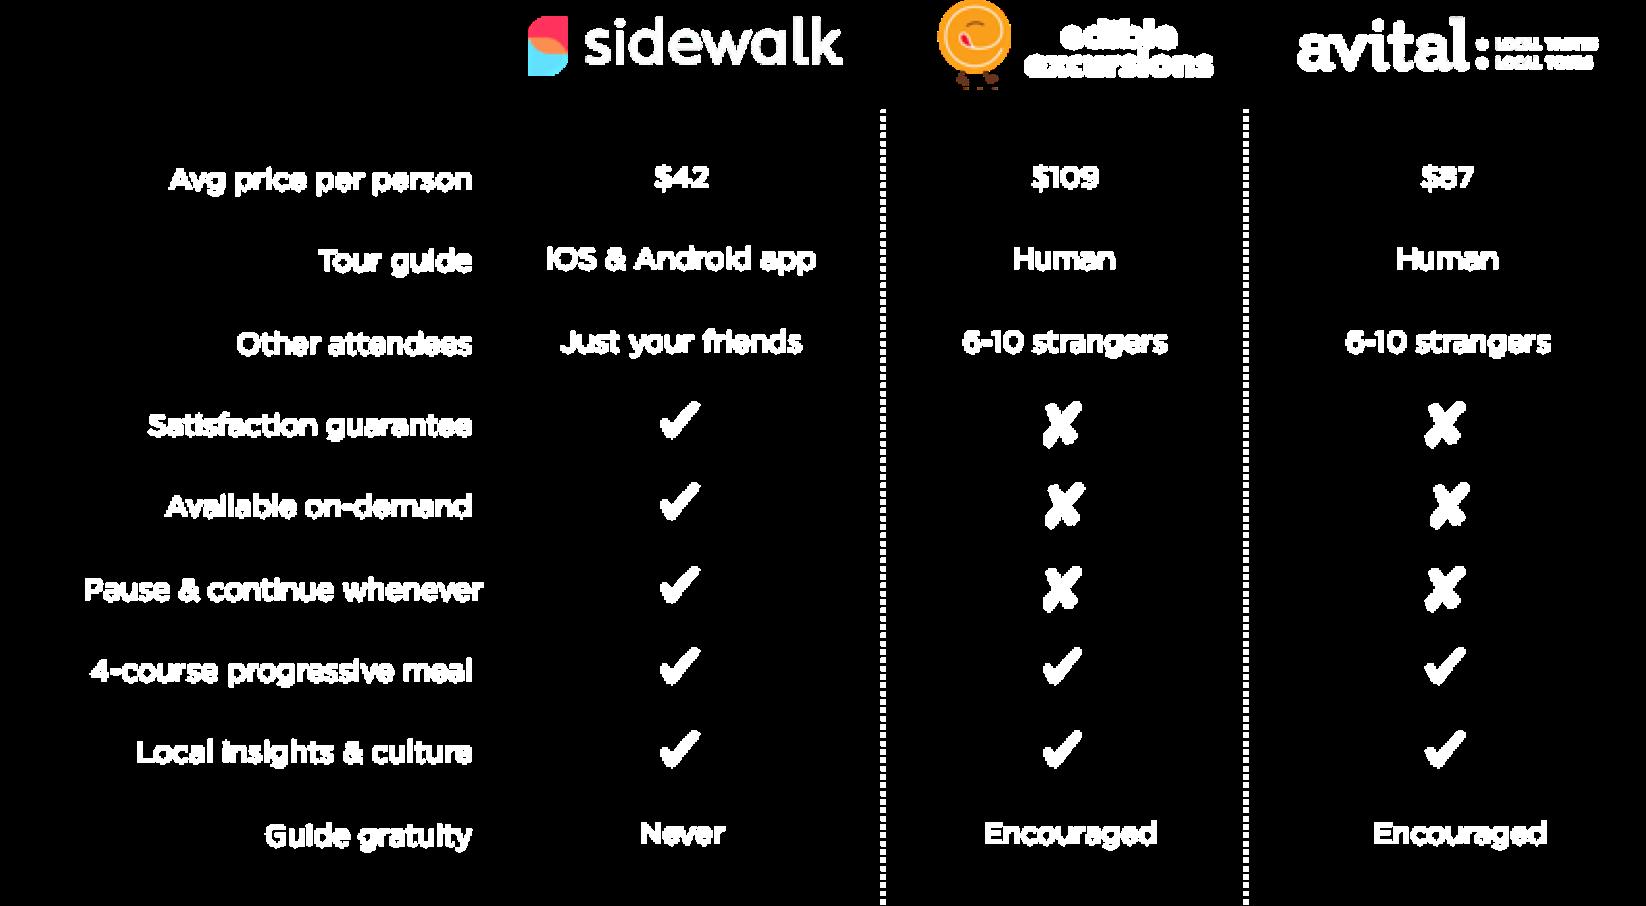 Sidewalk Taste Comparison Chart